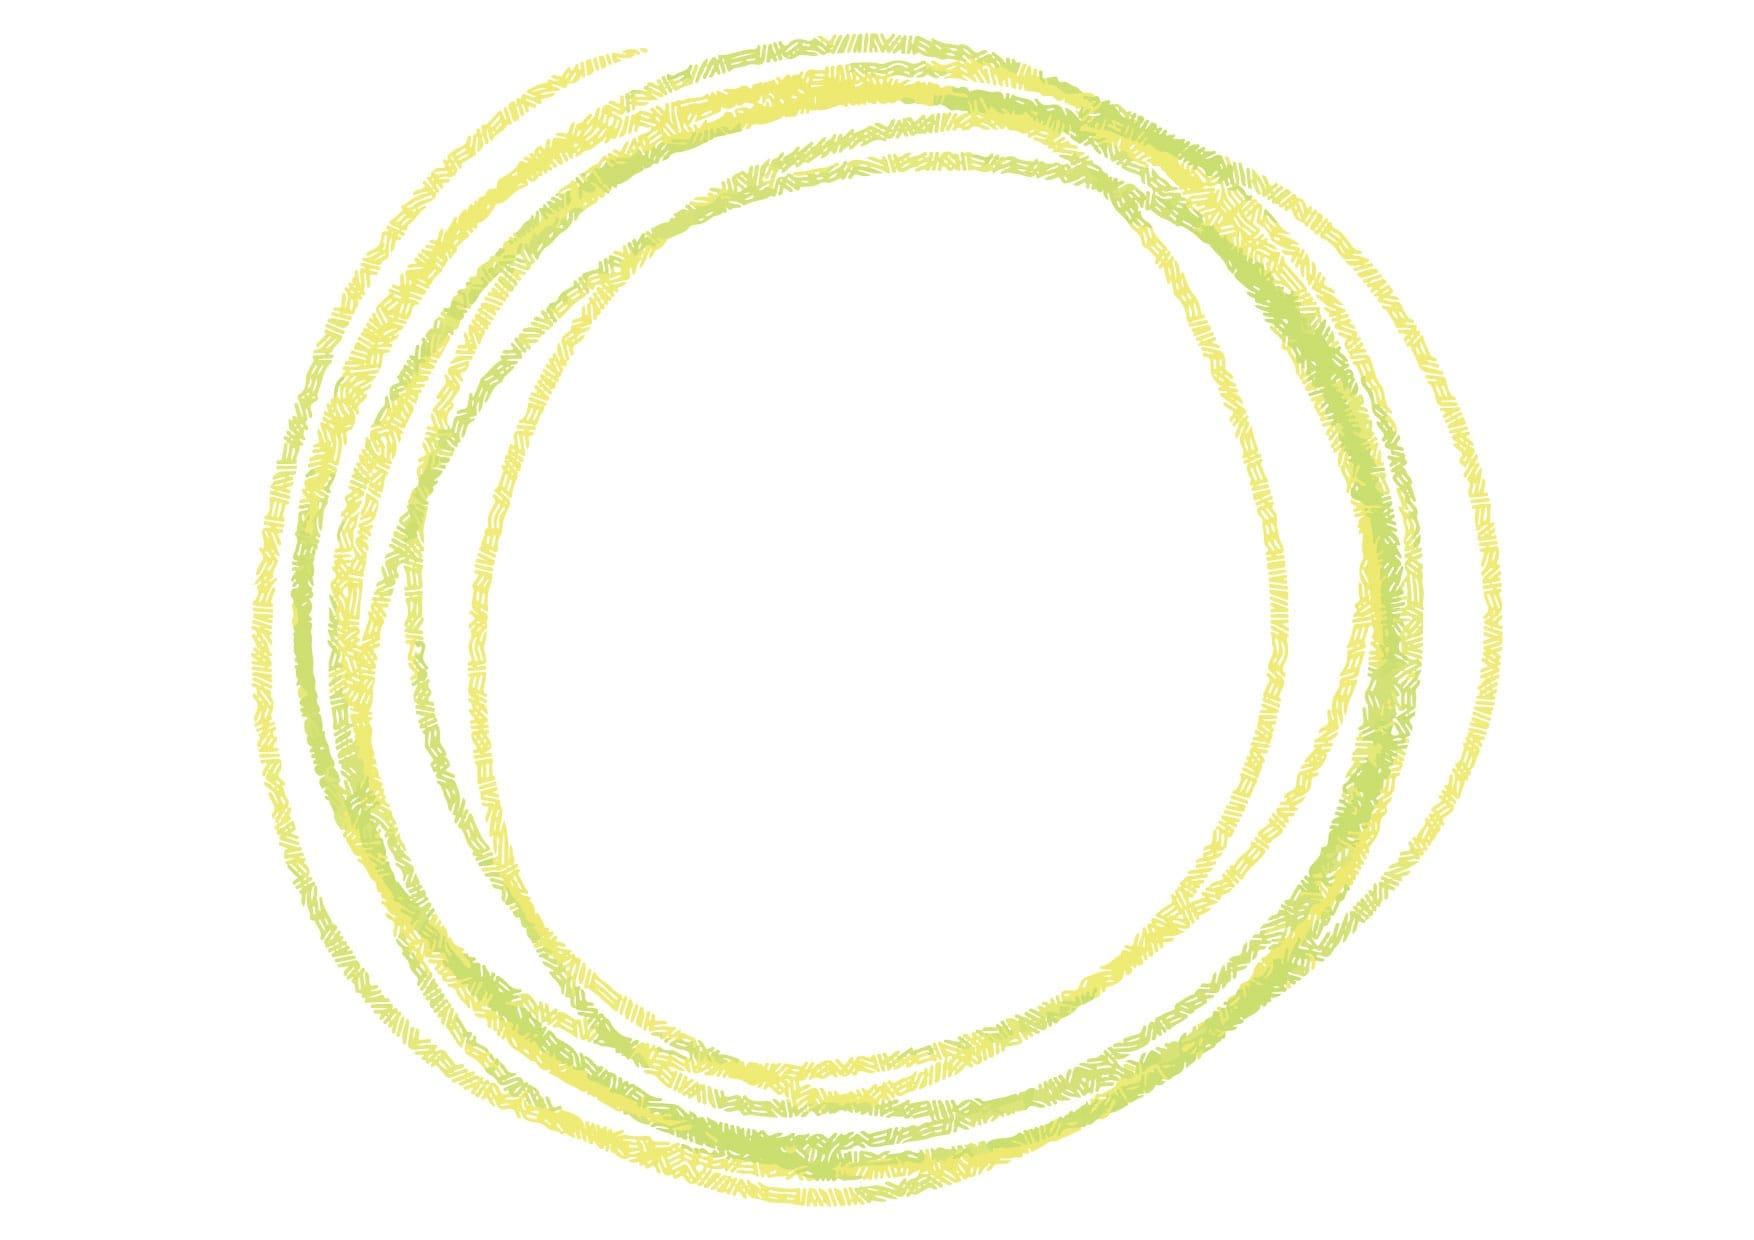 可愛いイラスト無料|円 手書き ラフ 黄色 − free illustration Circle handwriting rough yellow